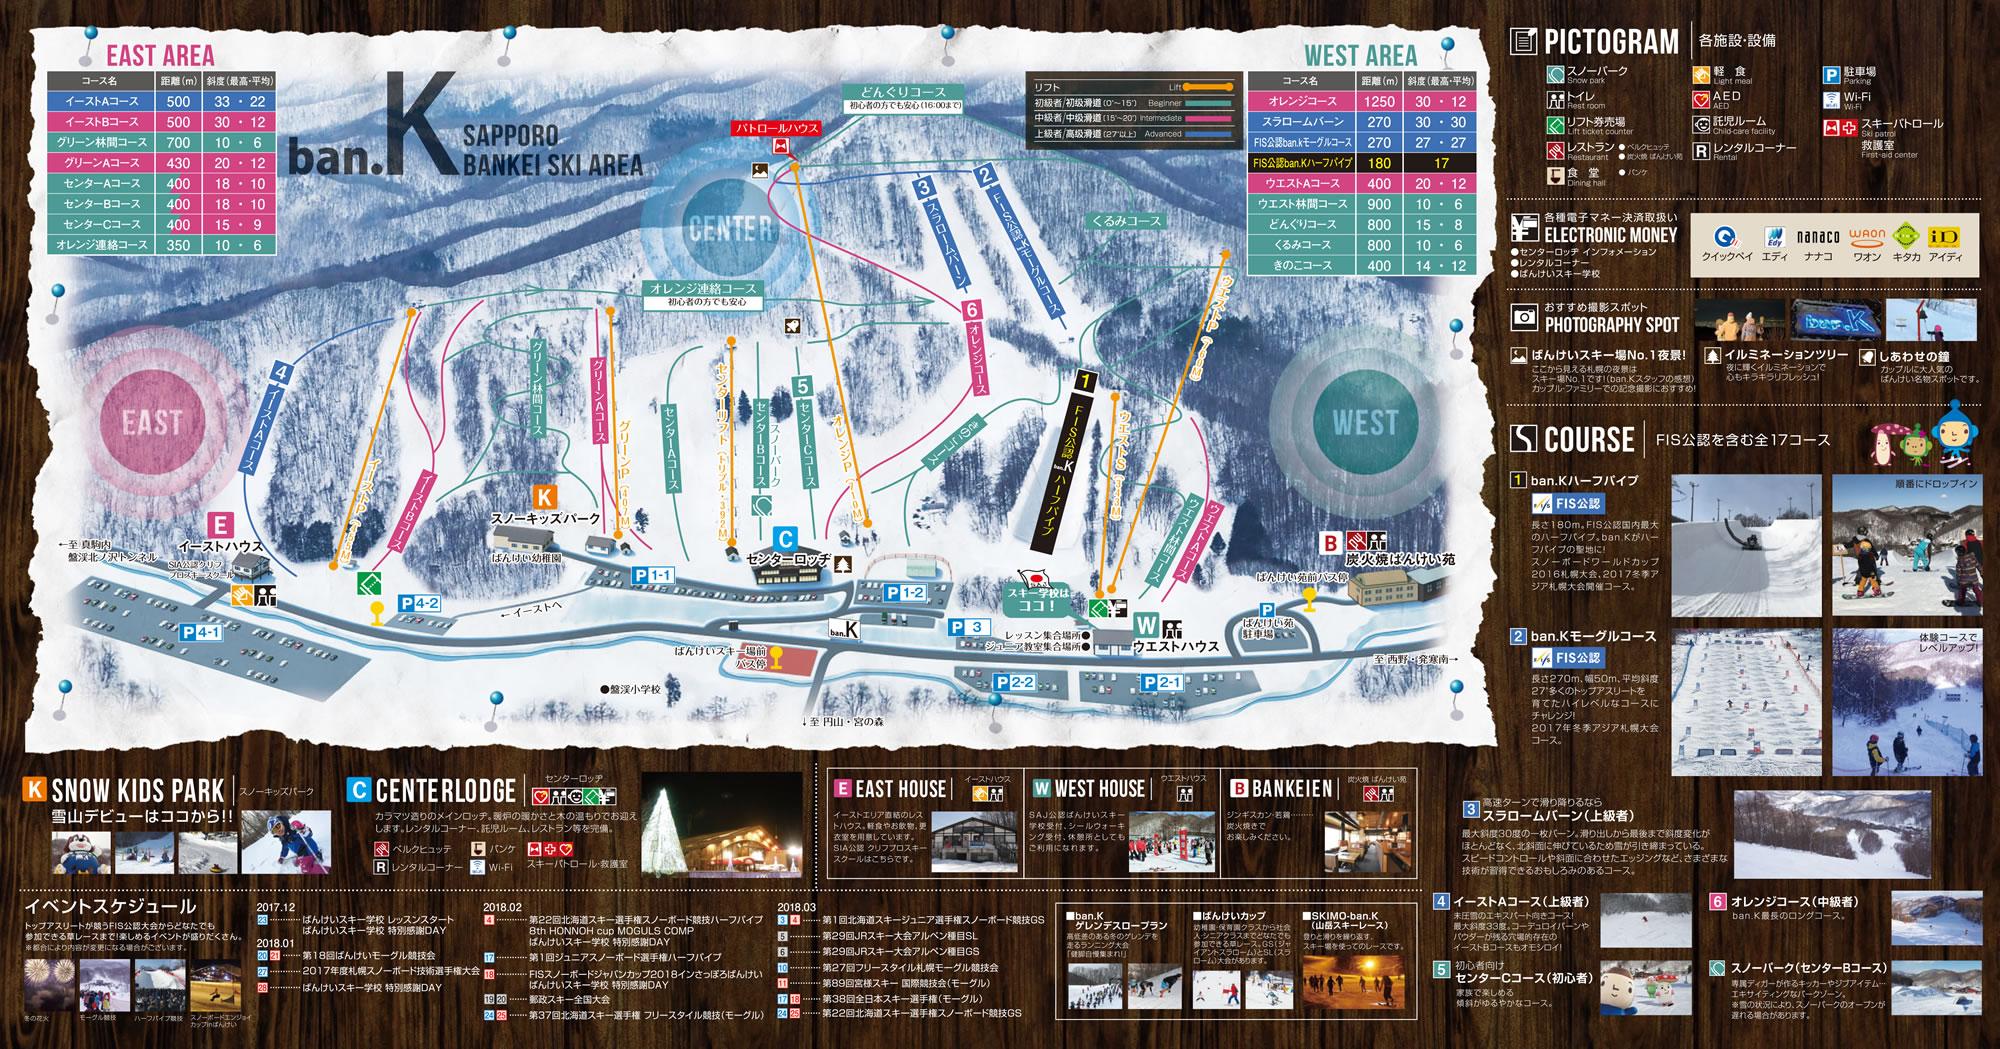 Sapporo Bankei Piste / Trail Map